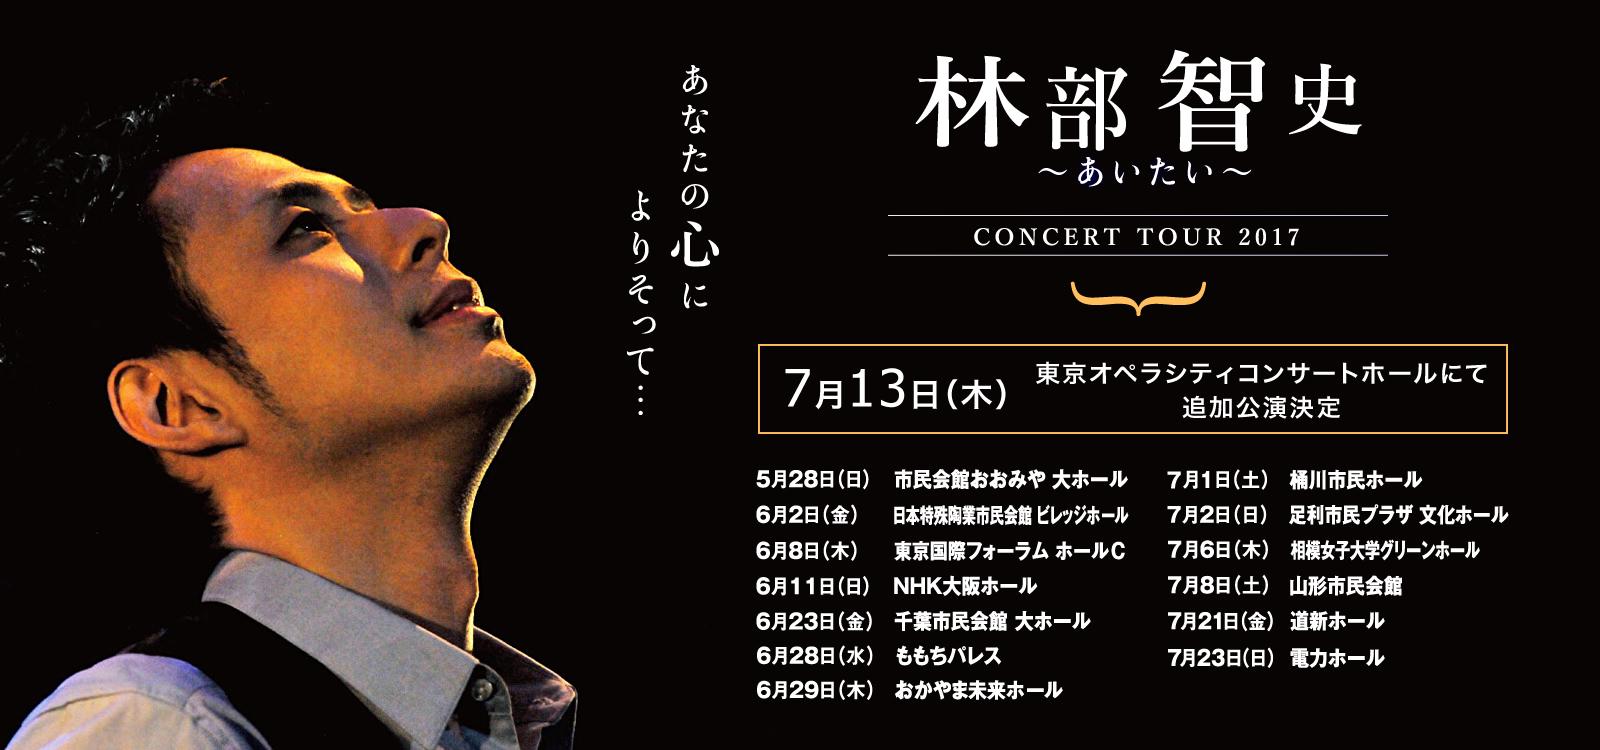 あいたい コンサートツアー2017